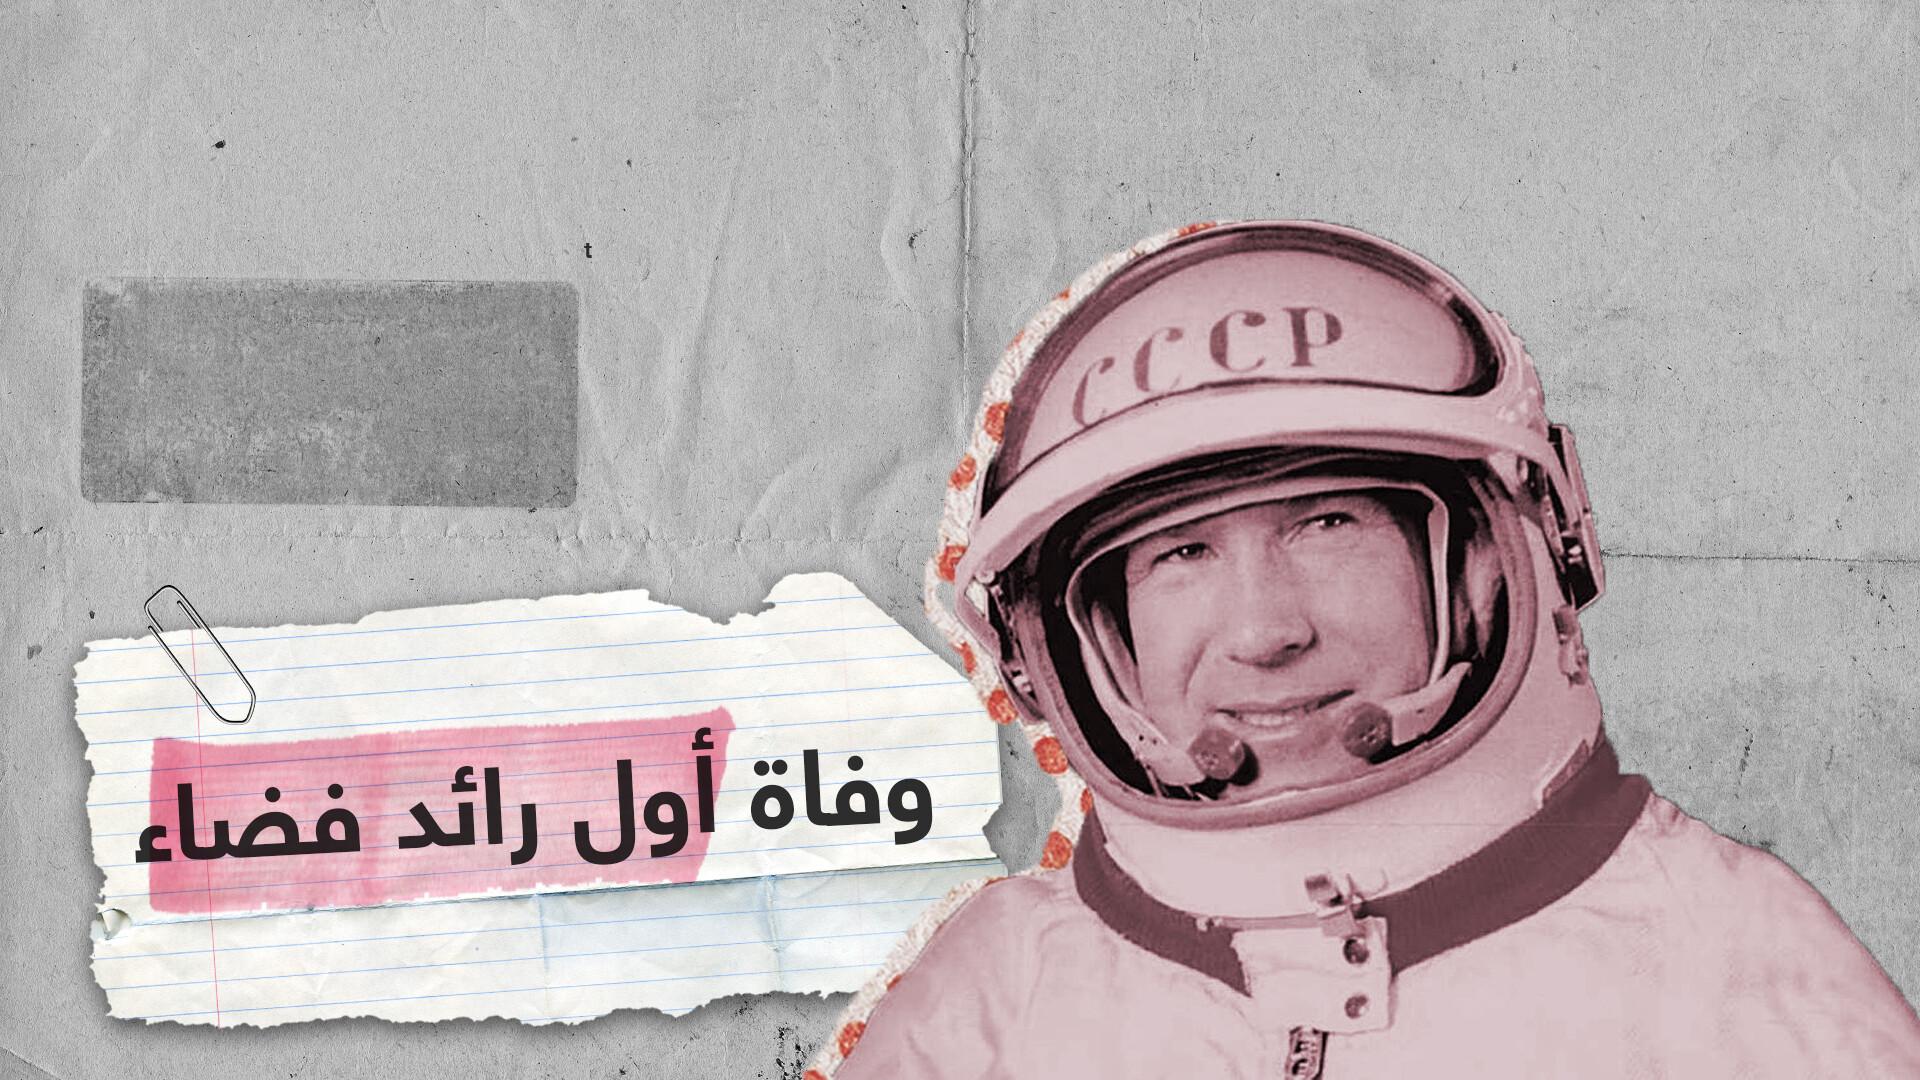 حكاية أول رائد فضاء خرج للفضاء المفتوح